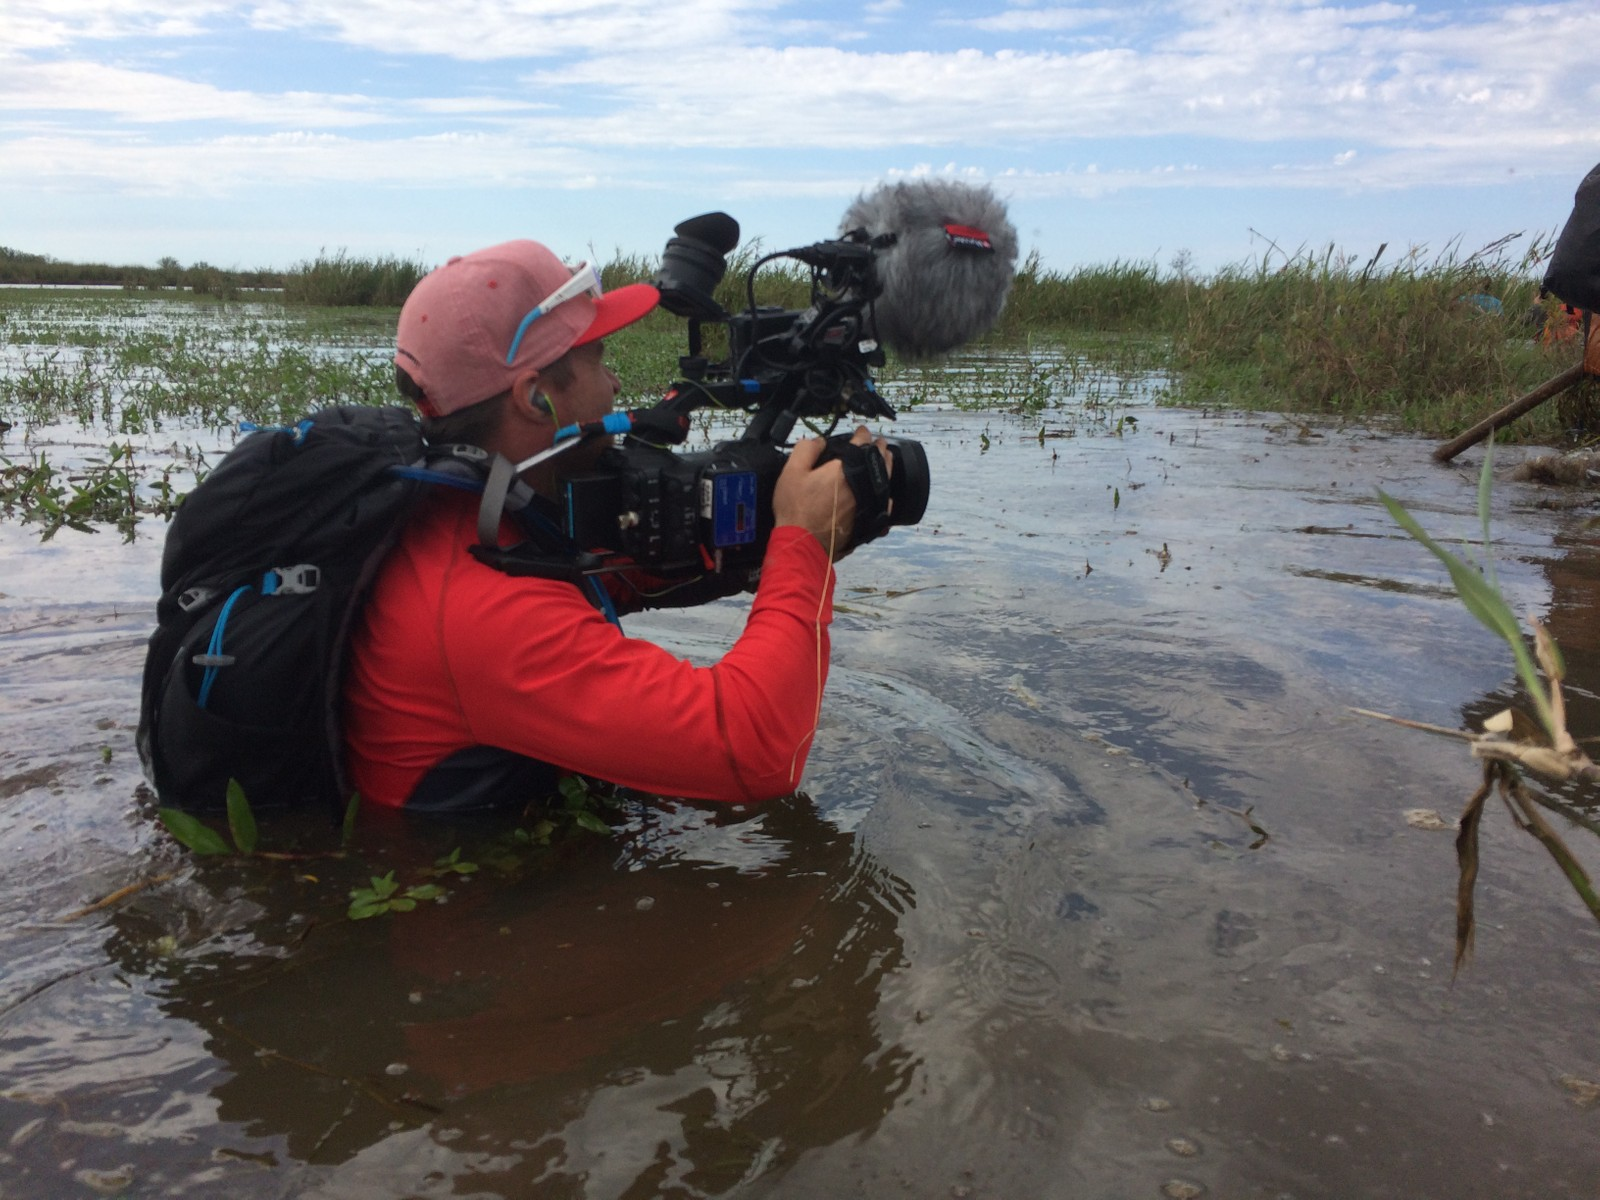 Sumper, igler, slanger og insekter. Christopher Fornebo ser vi her går nært etter kjendisene i Dropped- Heltenes kamp.